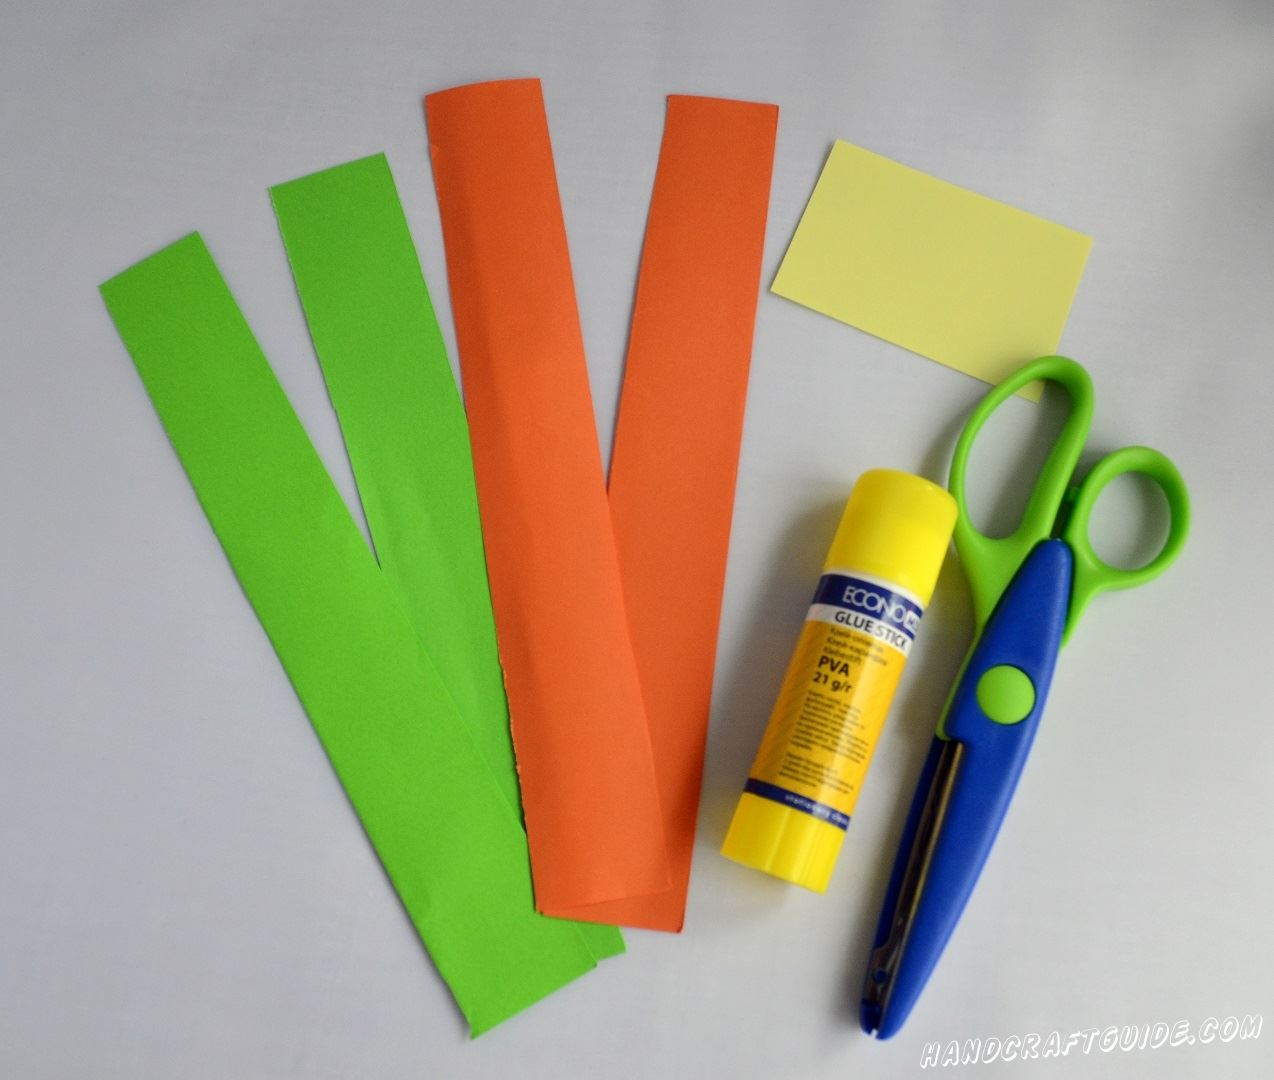 Вырезаем две полоски любимого цвета (мы взяли оранжевую и зелёную) и склеиваем их с одной стороны, расположив оранжевую вертикально, а зелёную - горизонтально.